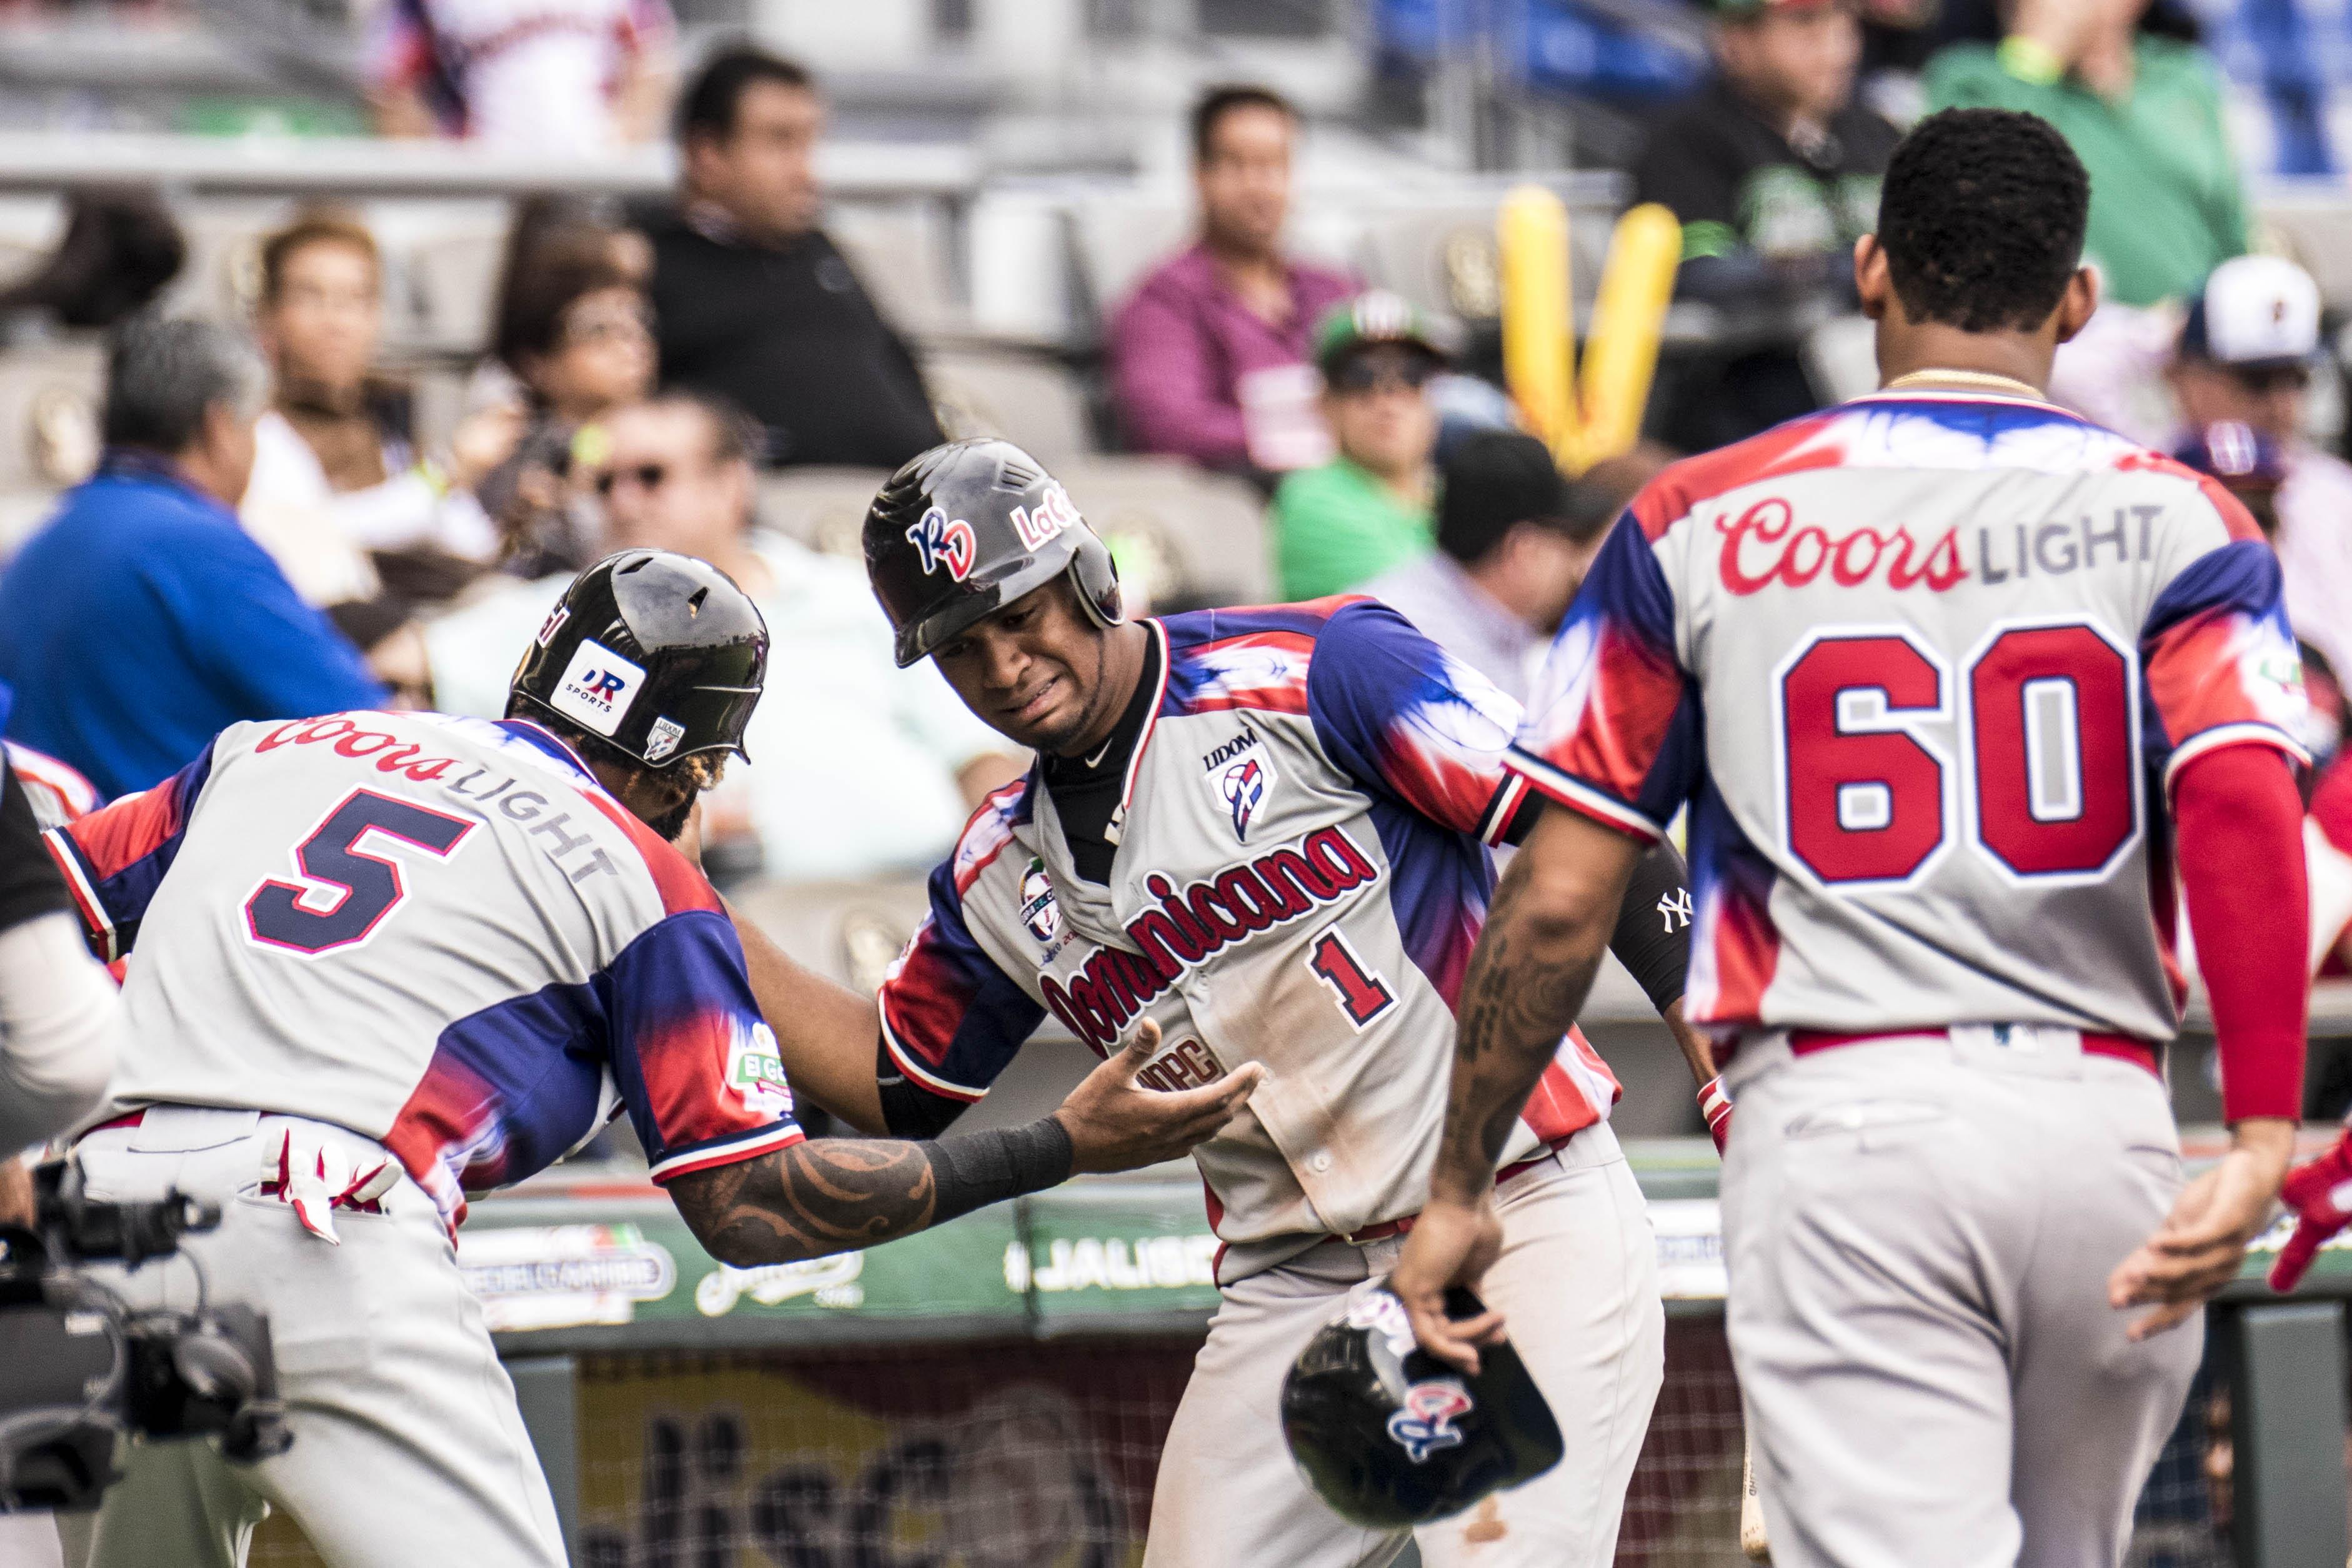 Águilas rompen maleficio; Empatan en segundo con Caribes y Criollos